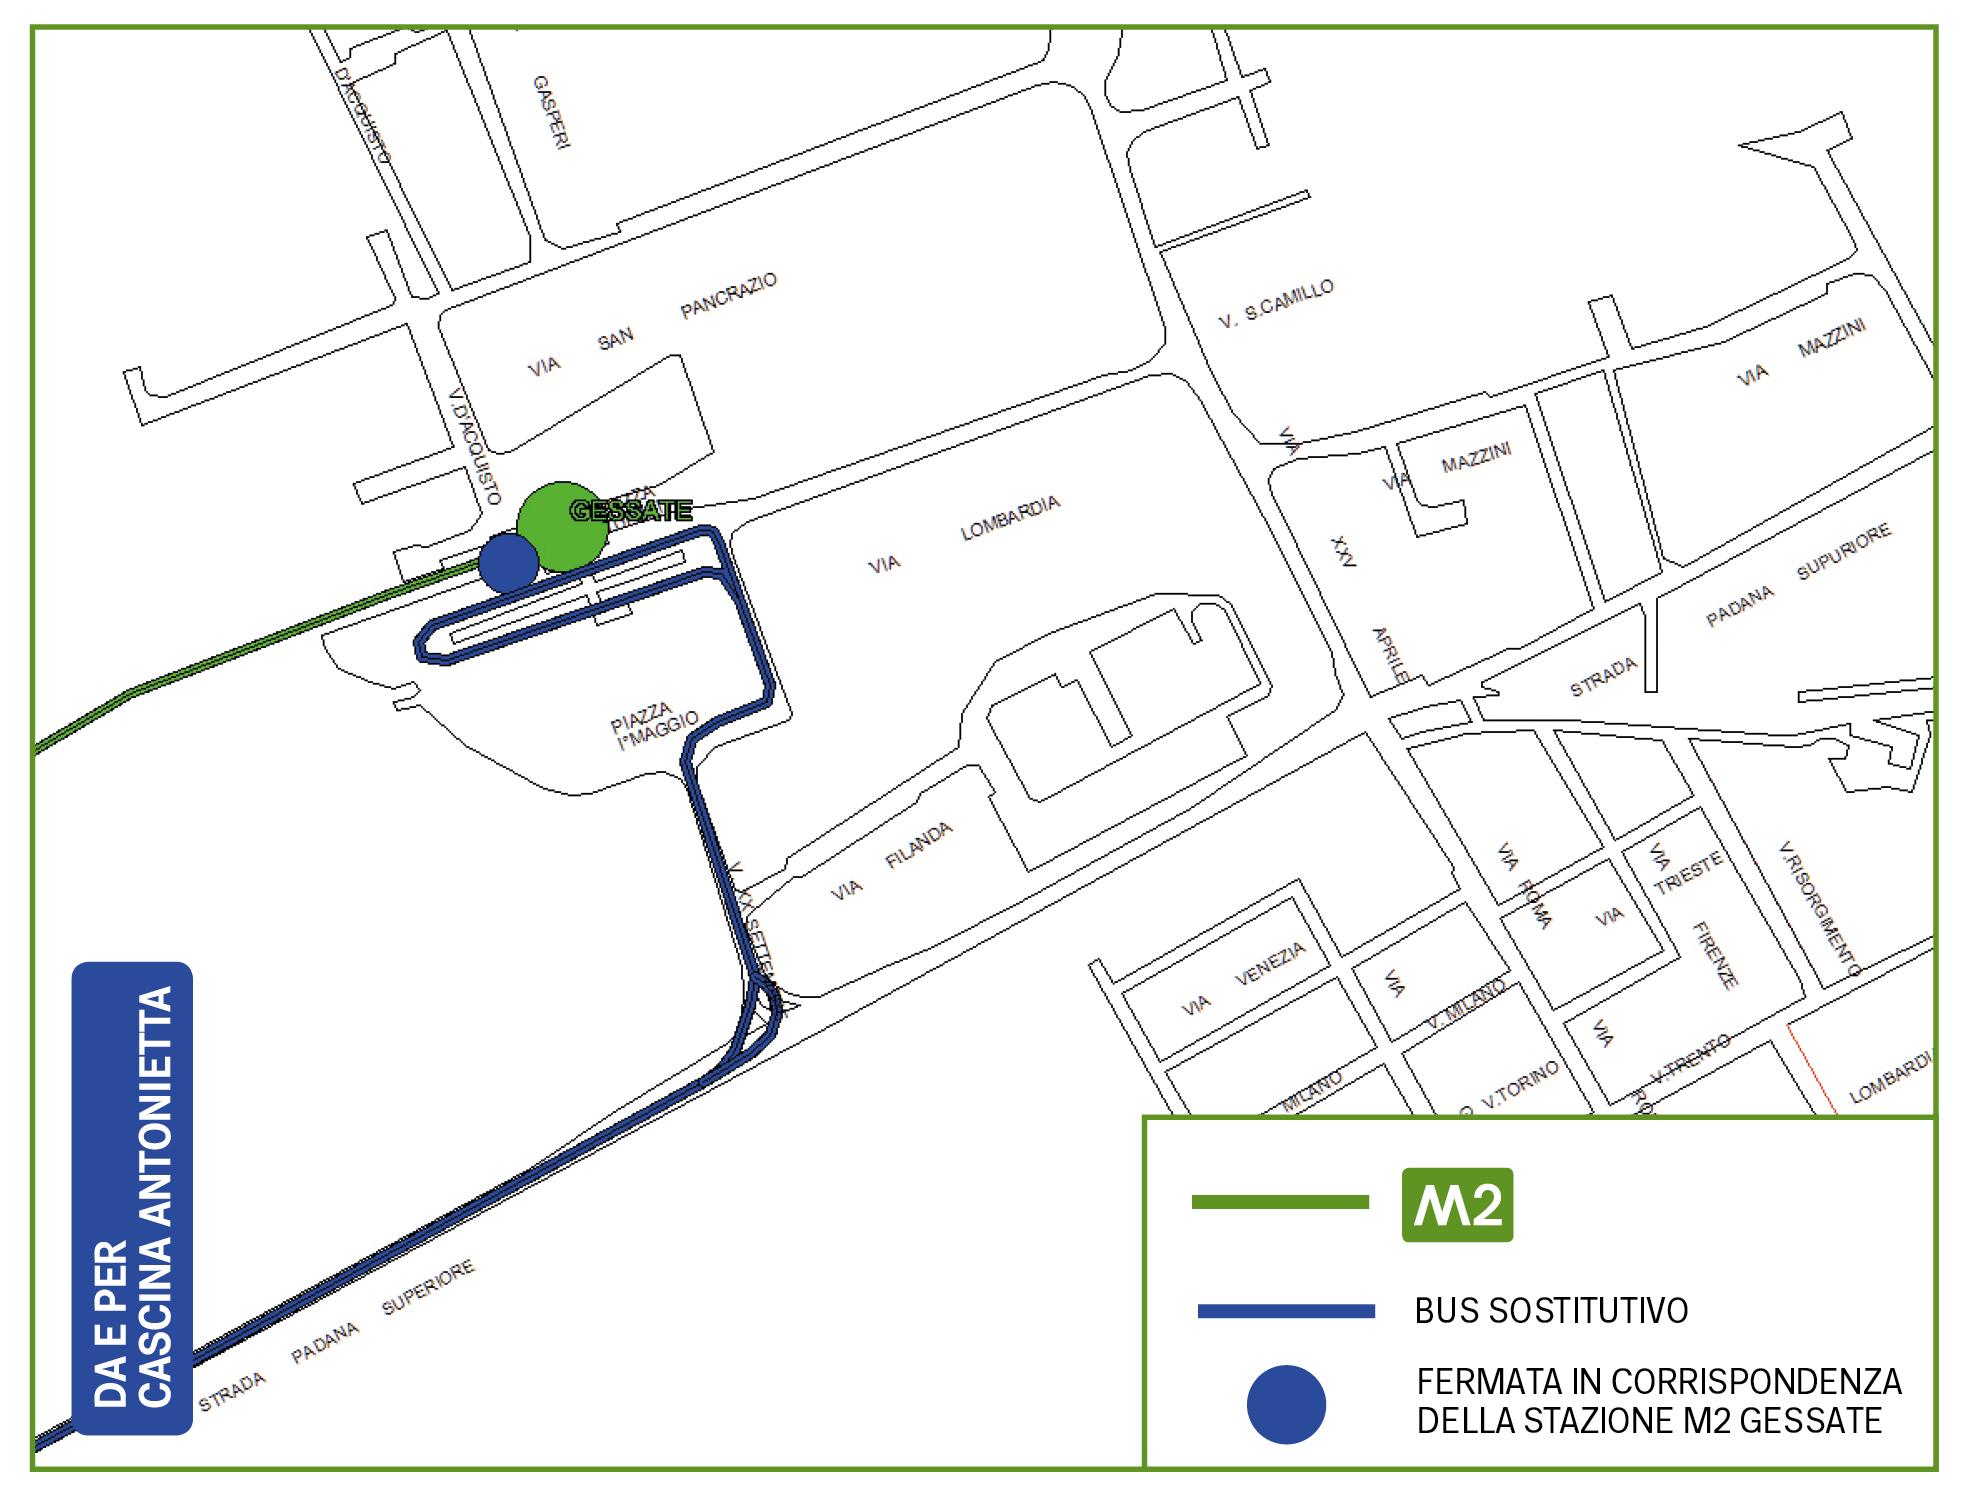 Mappa Bus sostitutivo Gessate